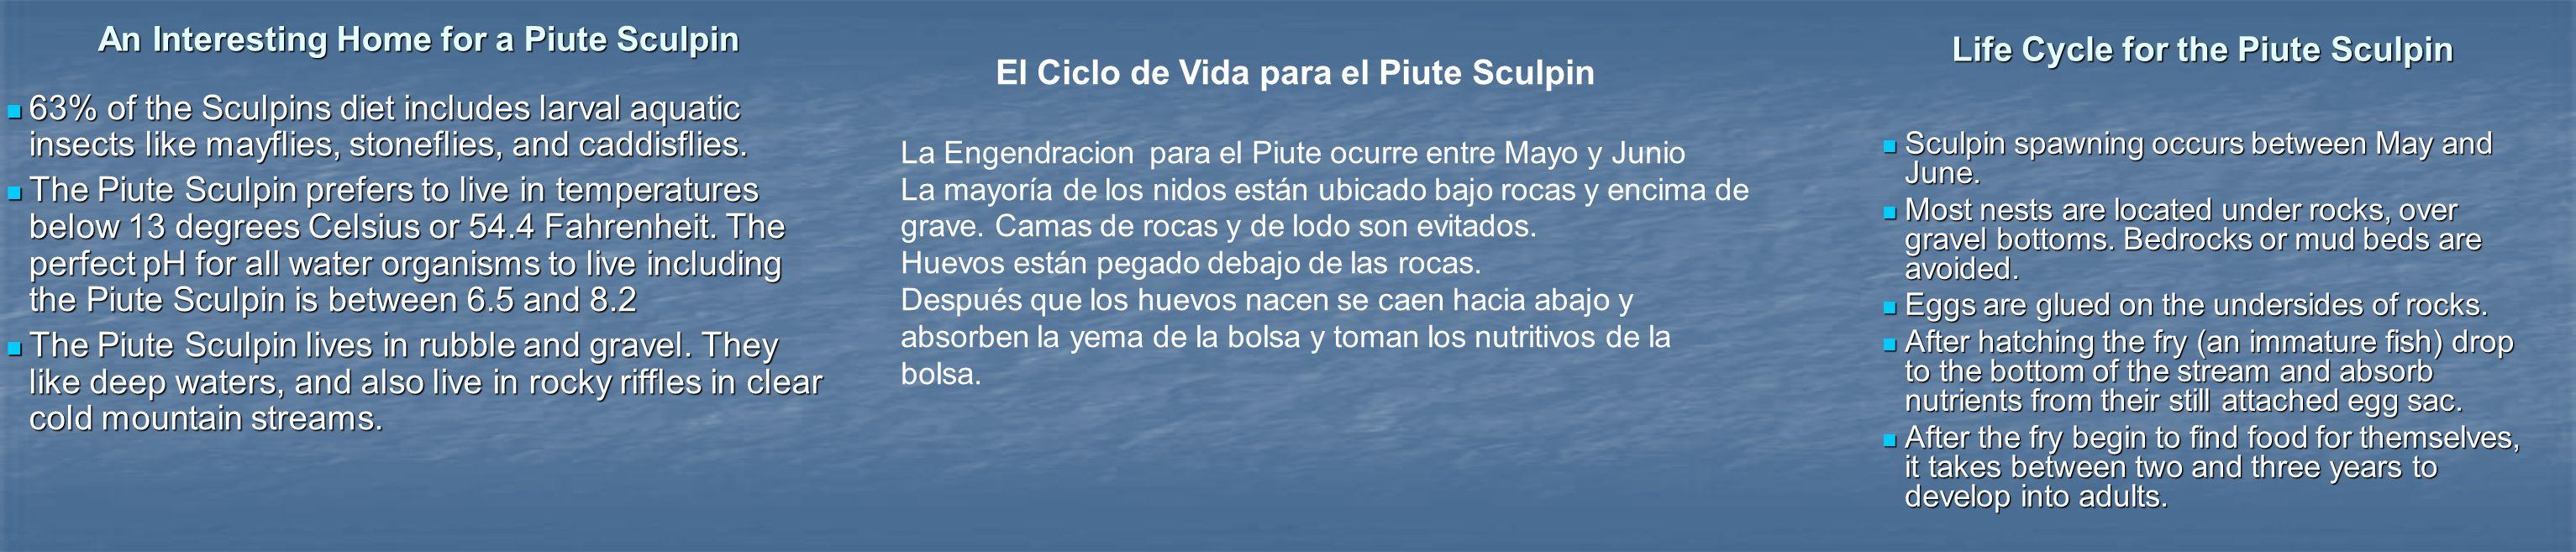 El Ciclo de Vida para el Piute Sculpin La Engendracion para el Piute ocurre entre Mayo y Junio La mayoría de los nidos están ubicado bajo rocas y encima de grave.